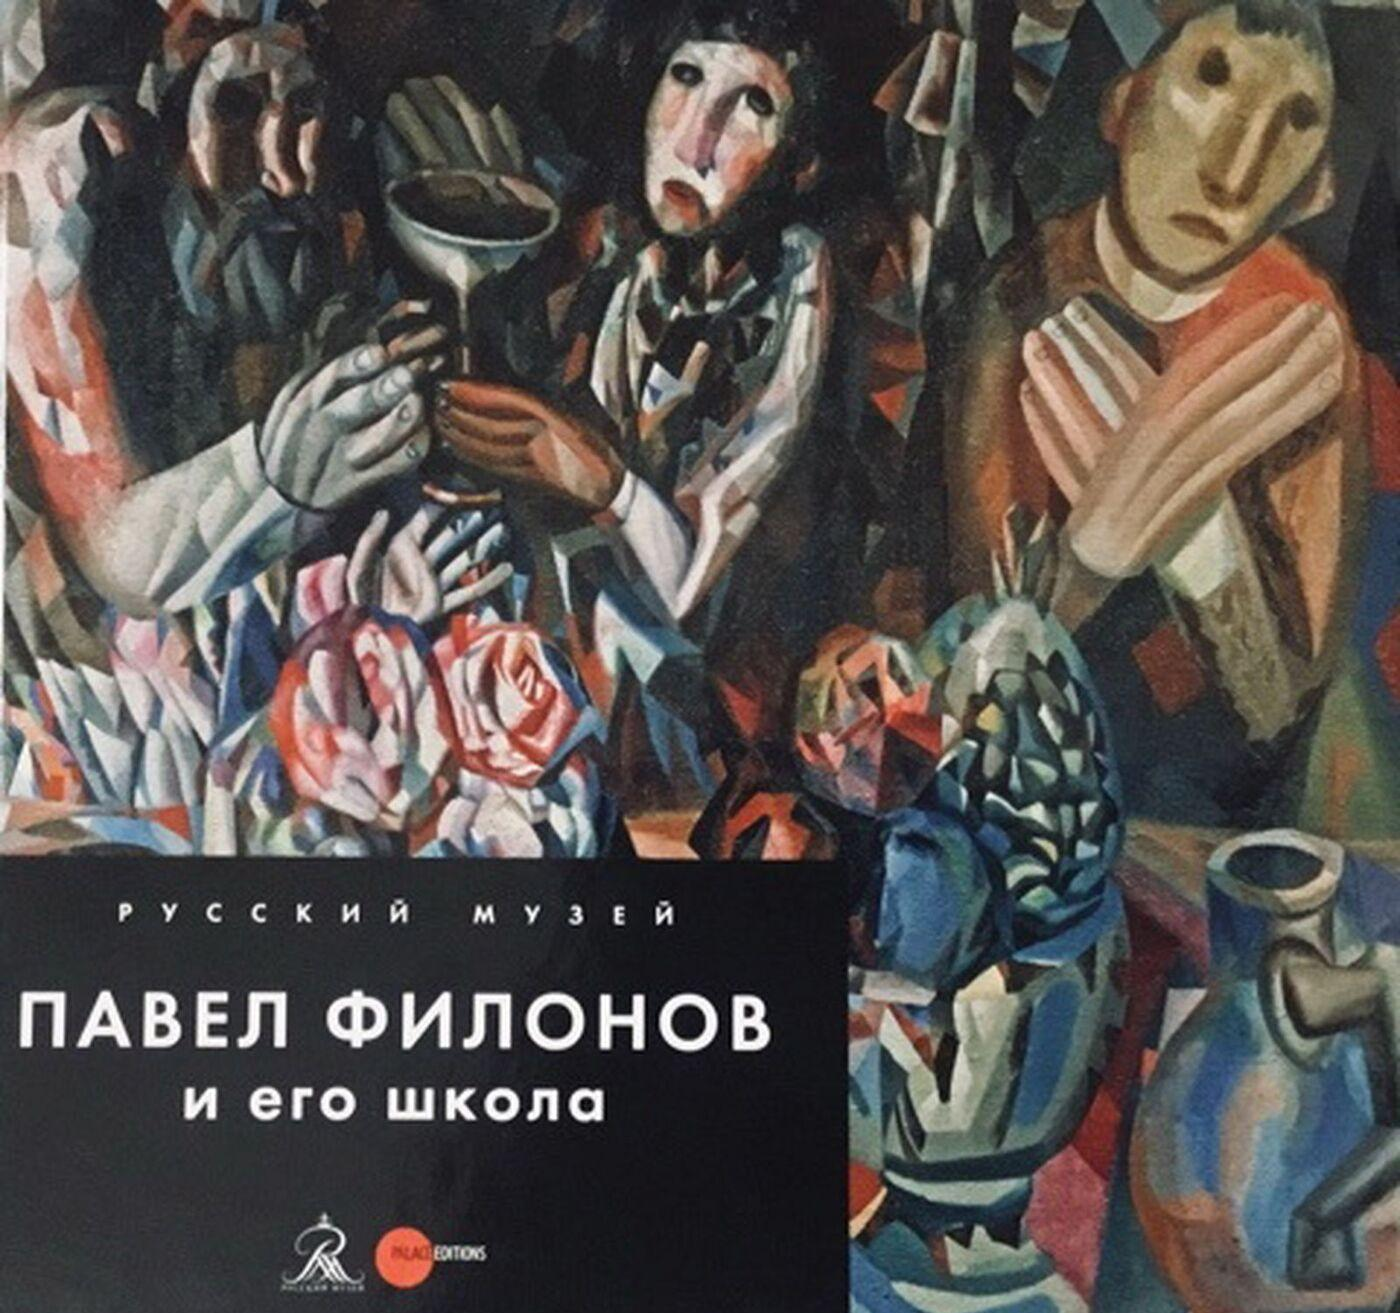 Filonov Pavel i ego shkola. Iz sobranija Russkogo muzeja